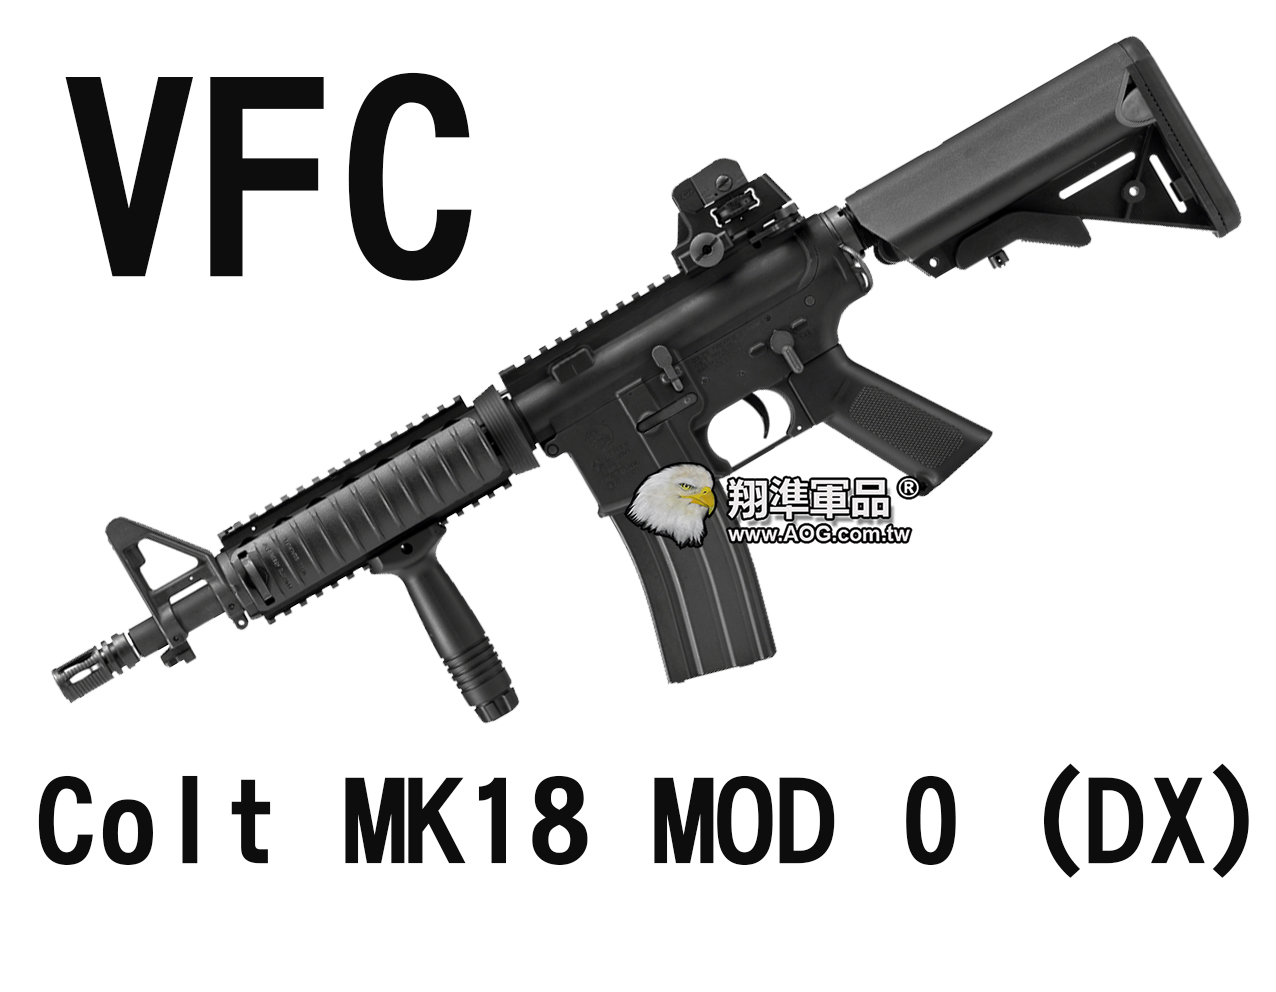 【翔準軍品AOG】【VFC】Colt MK18 MOD 0 (DX) 海豹托+握把 魚骨版 電動槍  黑色 VF1-LMK18M0-BK81